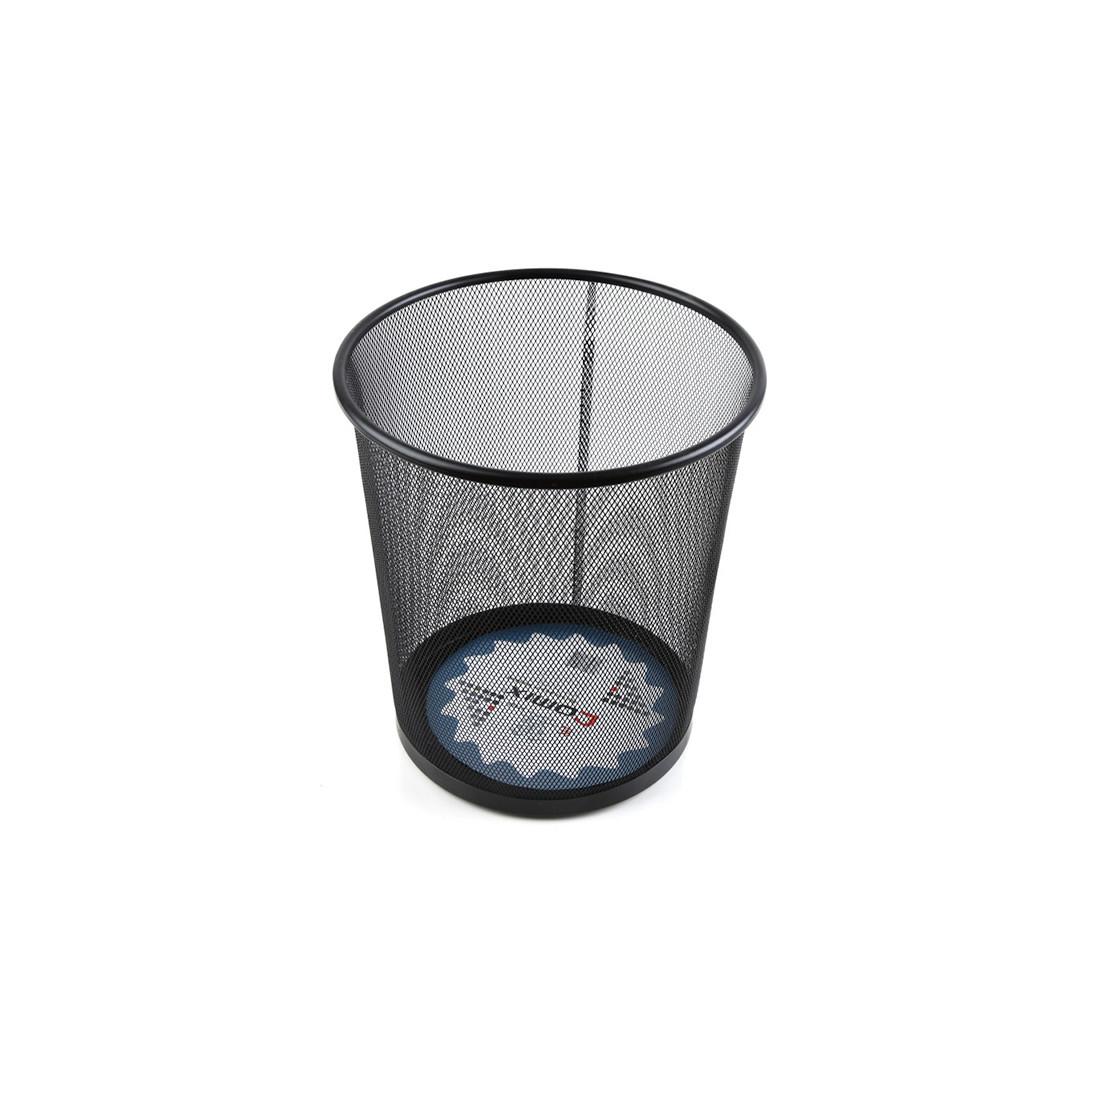 Корзина металлическая Comix B2005  литров Φ265*285 мм. Чёрный